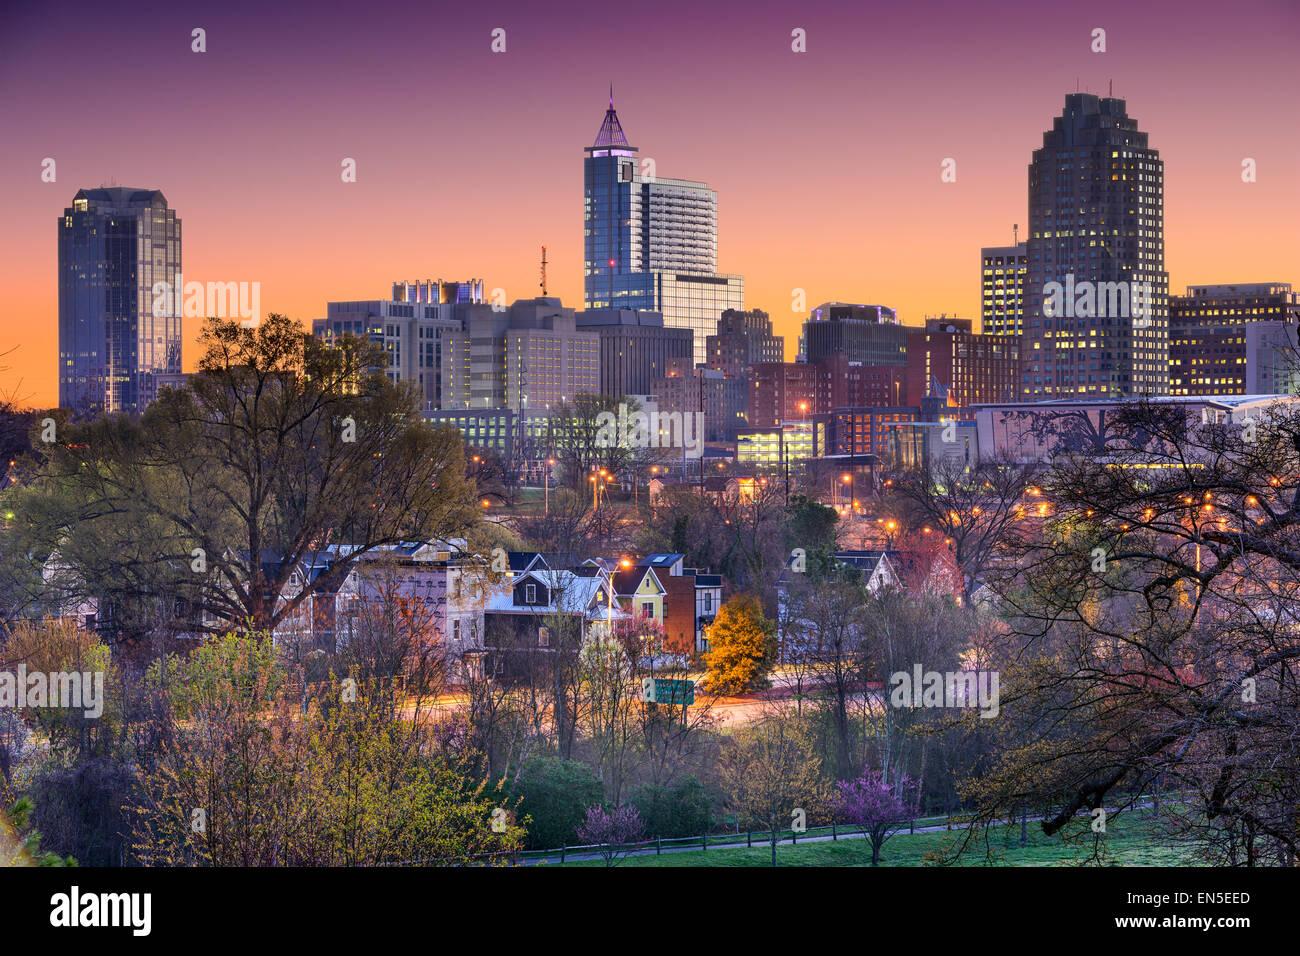 Raleigh, Carolina del Norte, EE.UU. horizonte. Foto de stock